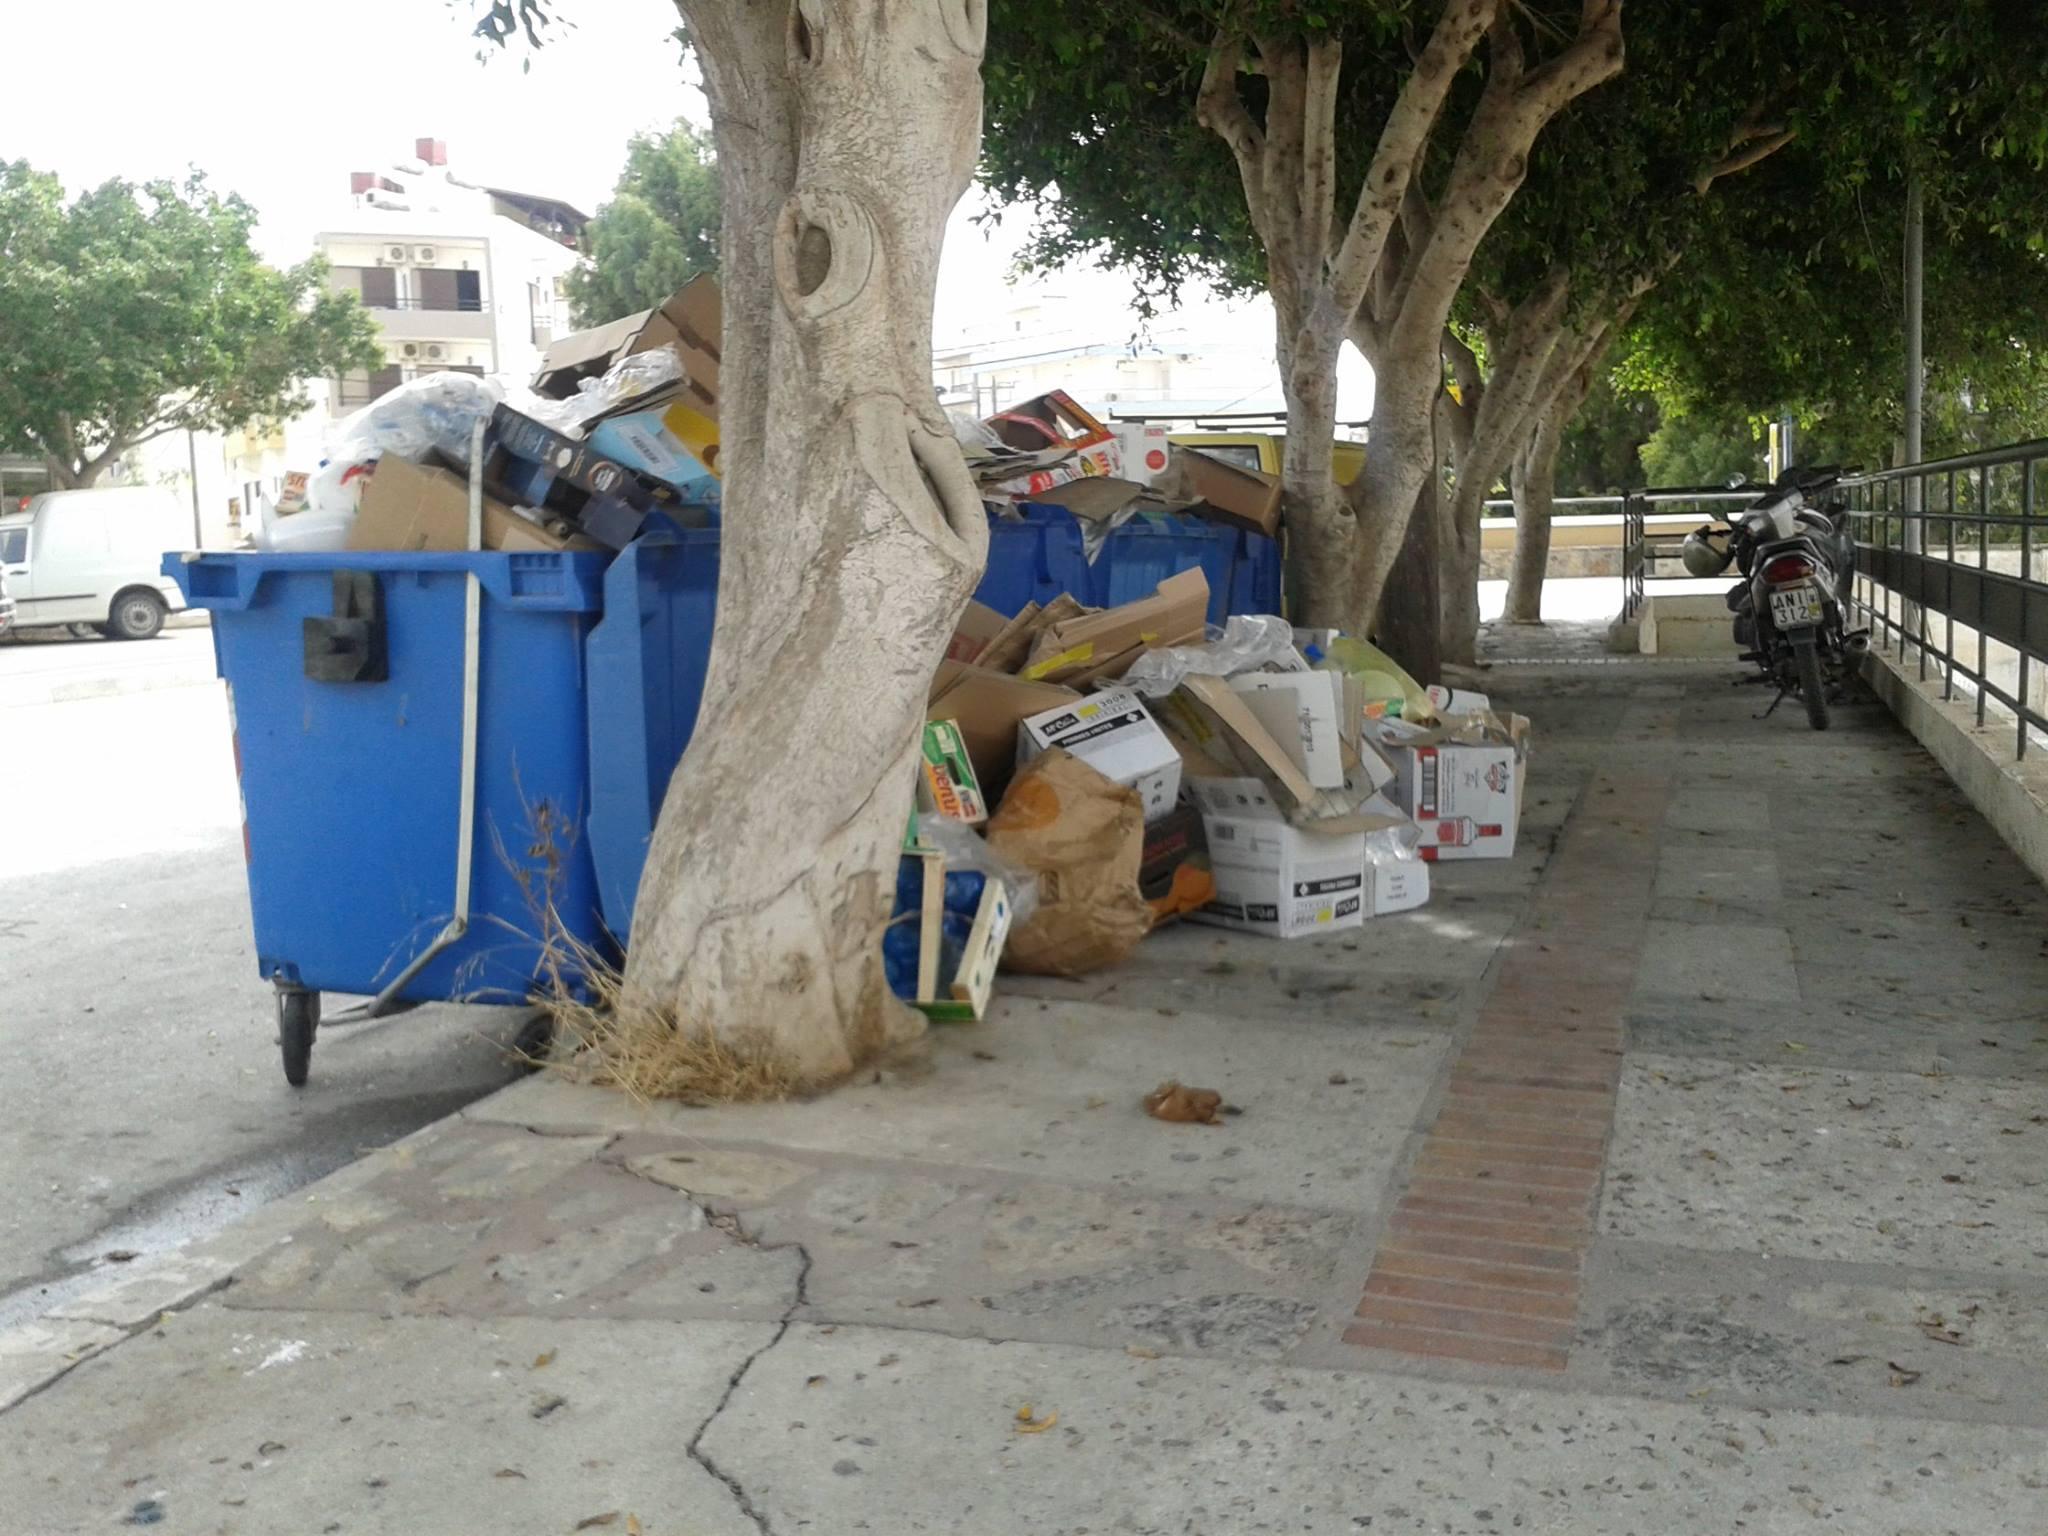 Αγιος Νικόλαος, σκουπίδια επαγγελματιών - gefyra20140712